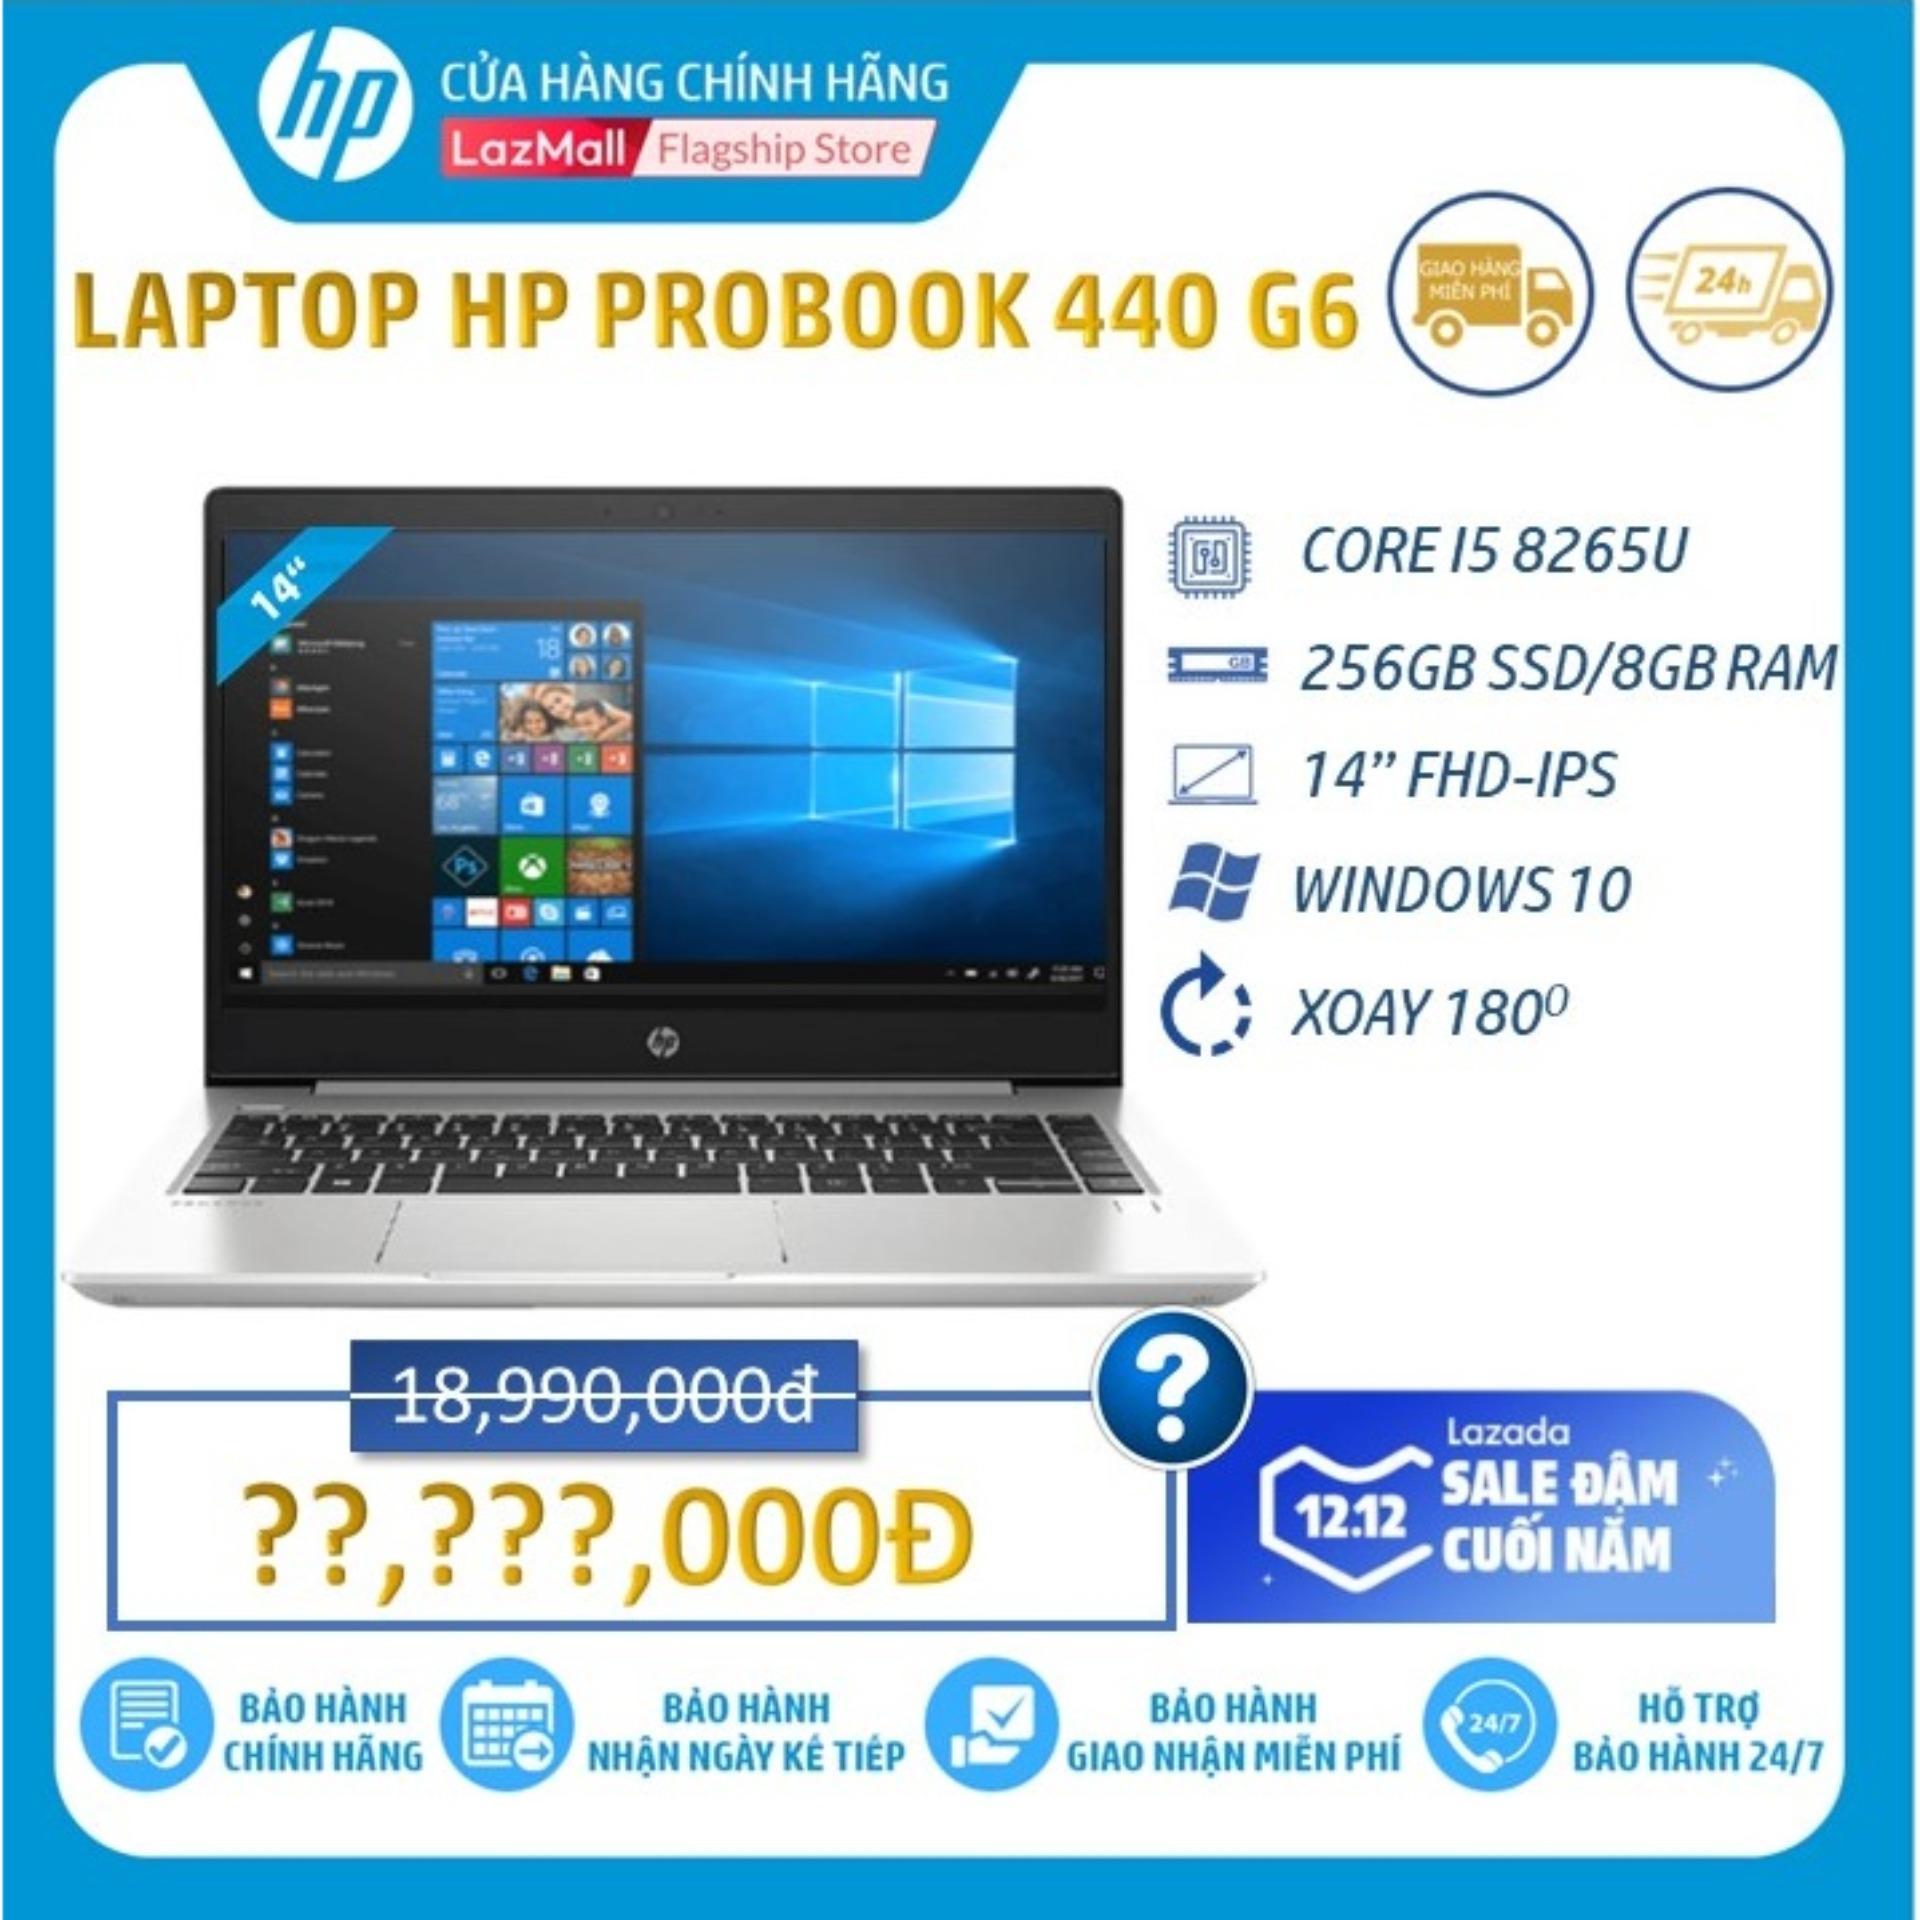 Giá Quá Tốt Để Có Laptop HP ProBook 440 G6 (Core I5-8265U/8GB RAM DDR4/256GB SSD/Intel UHD Graphics/14 FHD/Win10Home64)_8GV31PA - Hàng Chính Hãng